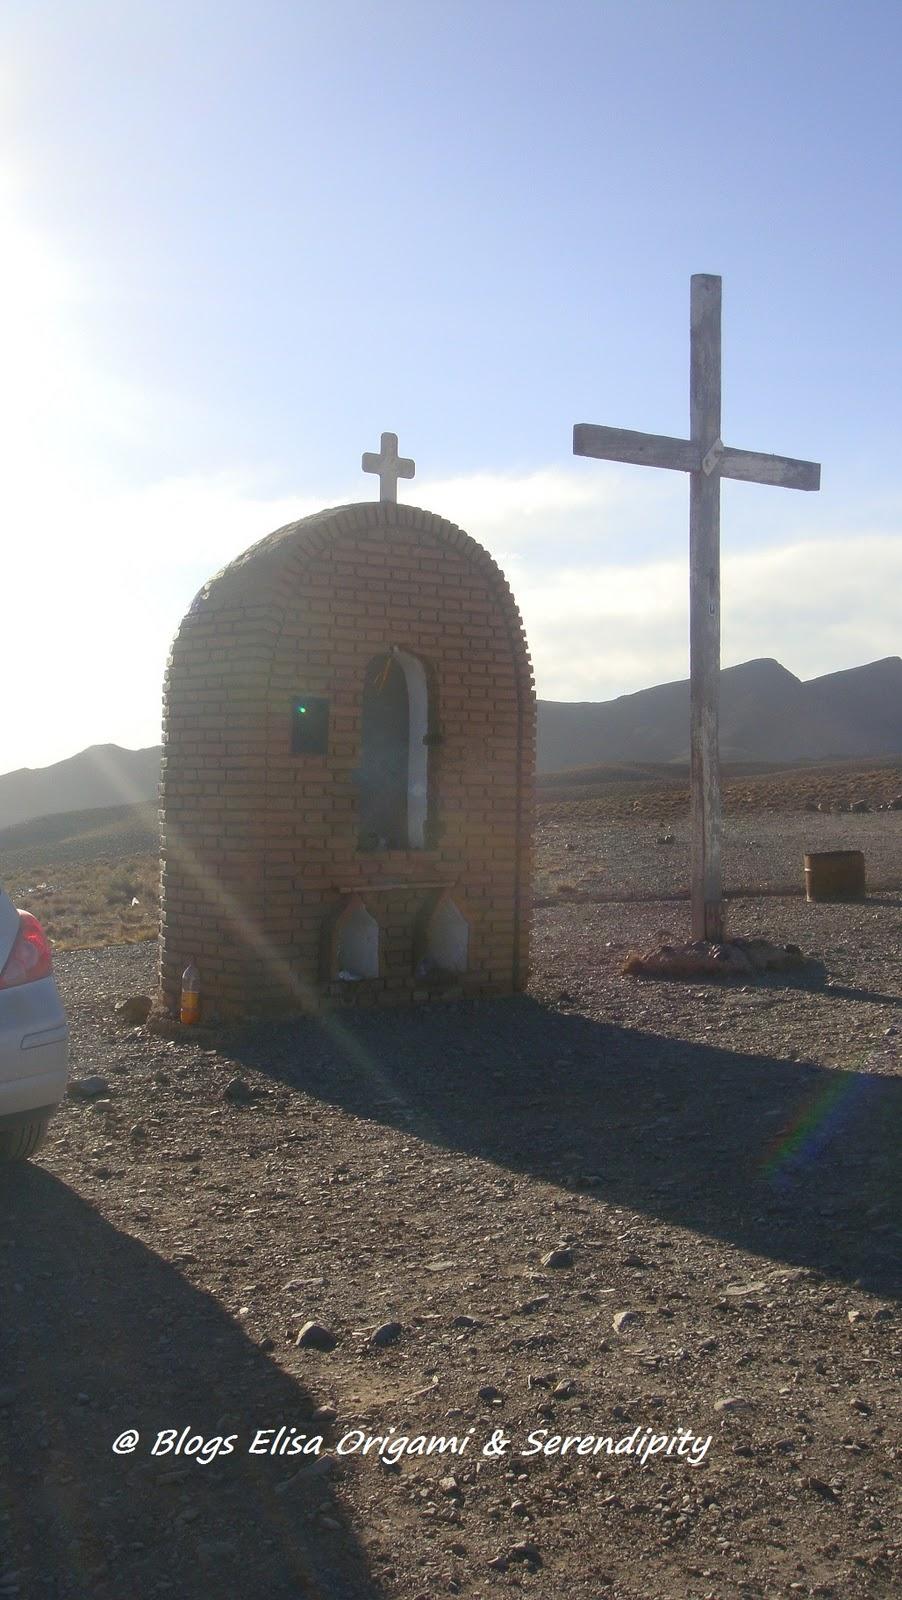 Cruz de Paramillos, Villavicencio, Mendoza, Argentina, Elisa N, Blog de Viajes, Lifestyle, Travel